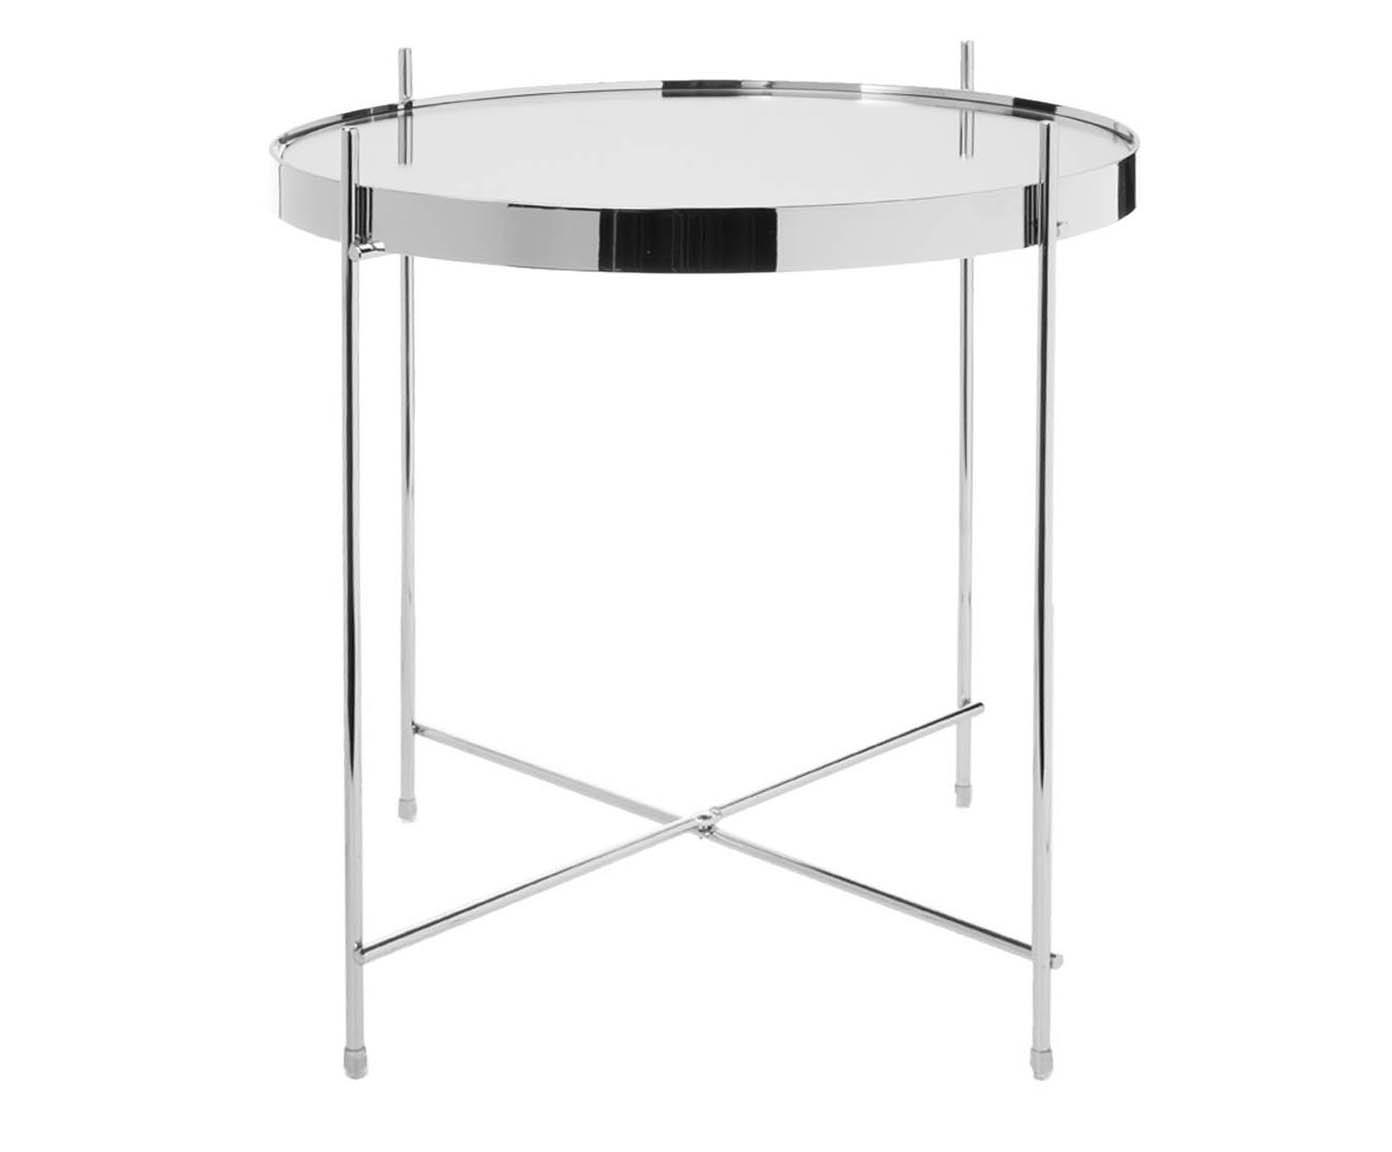 Tablett-Tisch Cupid mit Glasplatte, Gestell: Eisen, verchromt, Tischplatte: Sicherheitsglas, Silber, Ø 43 x H 45 cm